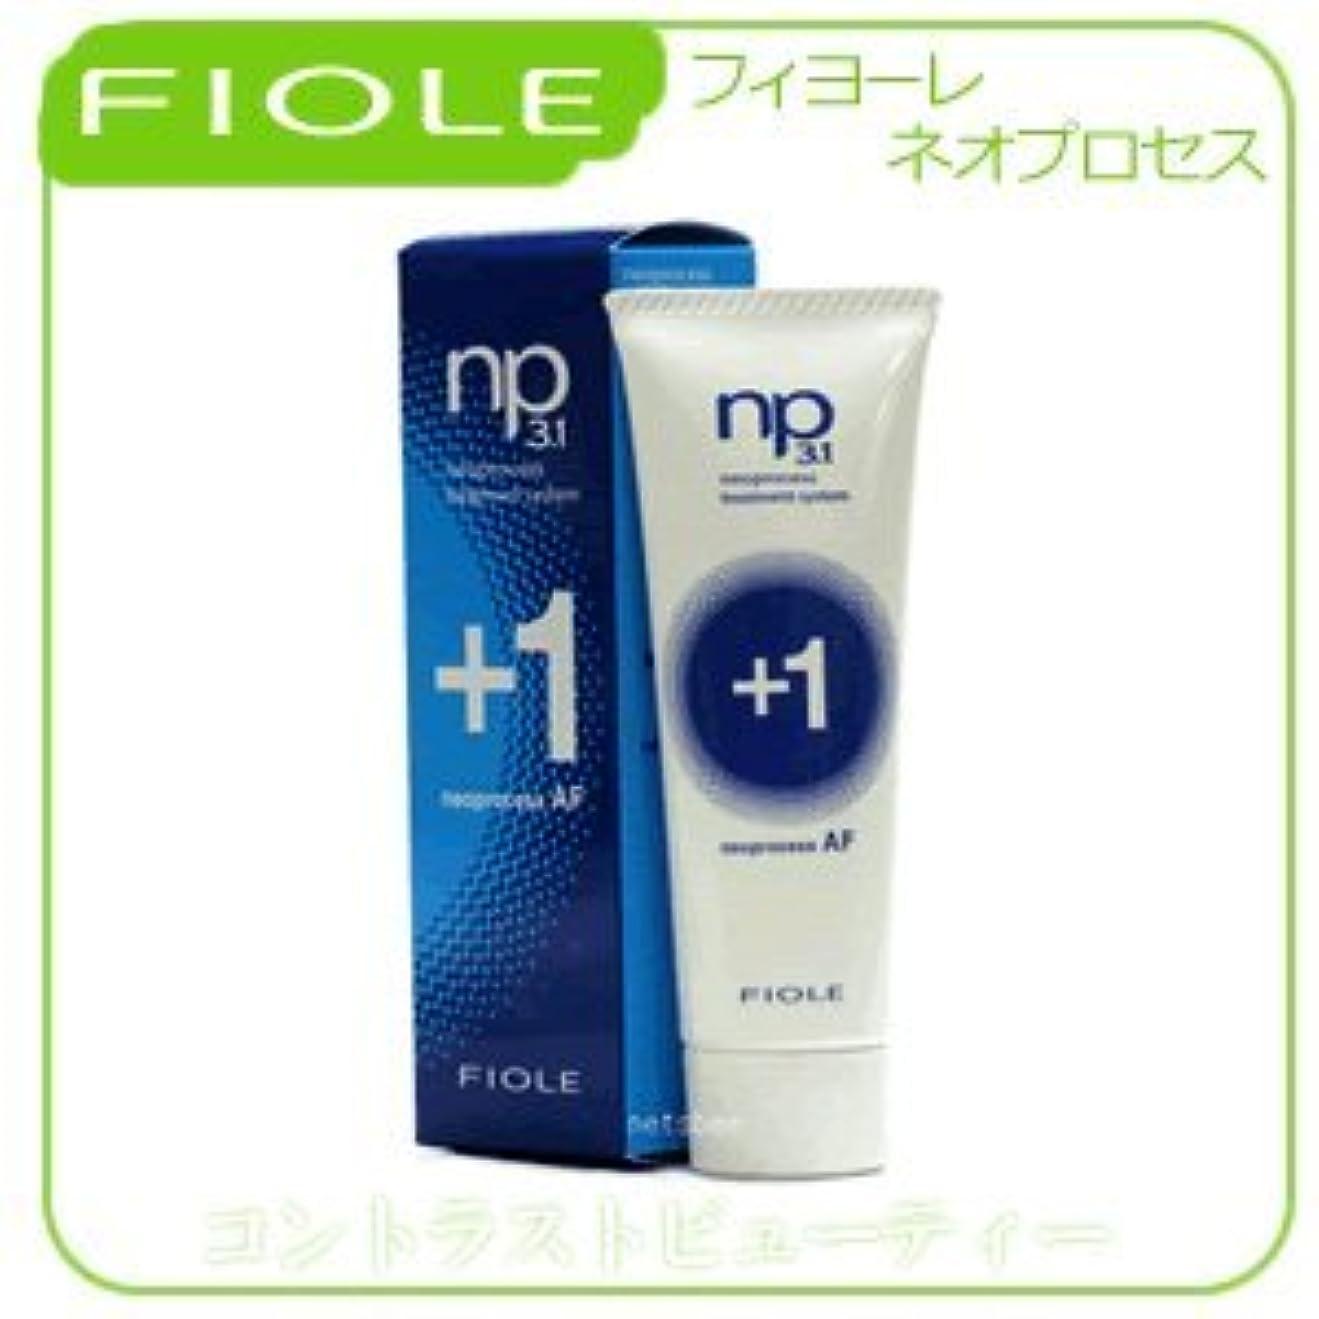 ジョセフバンクス政令【X5個セット】 フィヨーレ NP3.1 ネオプロセス AFプラス1 100g FIOLE ネオプロセス